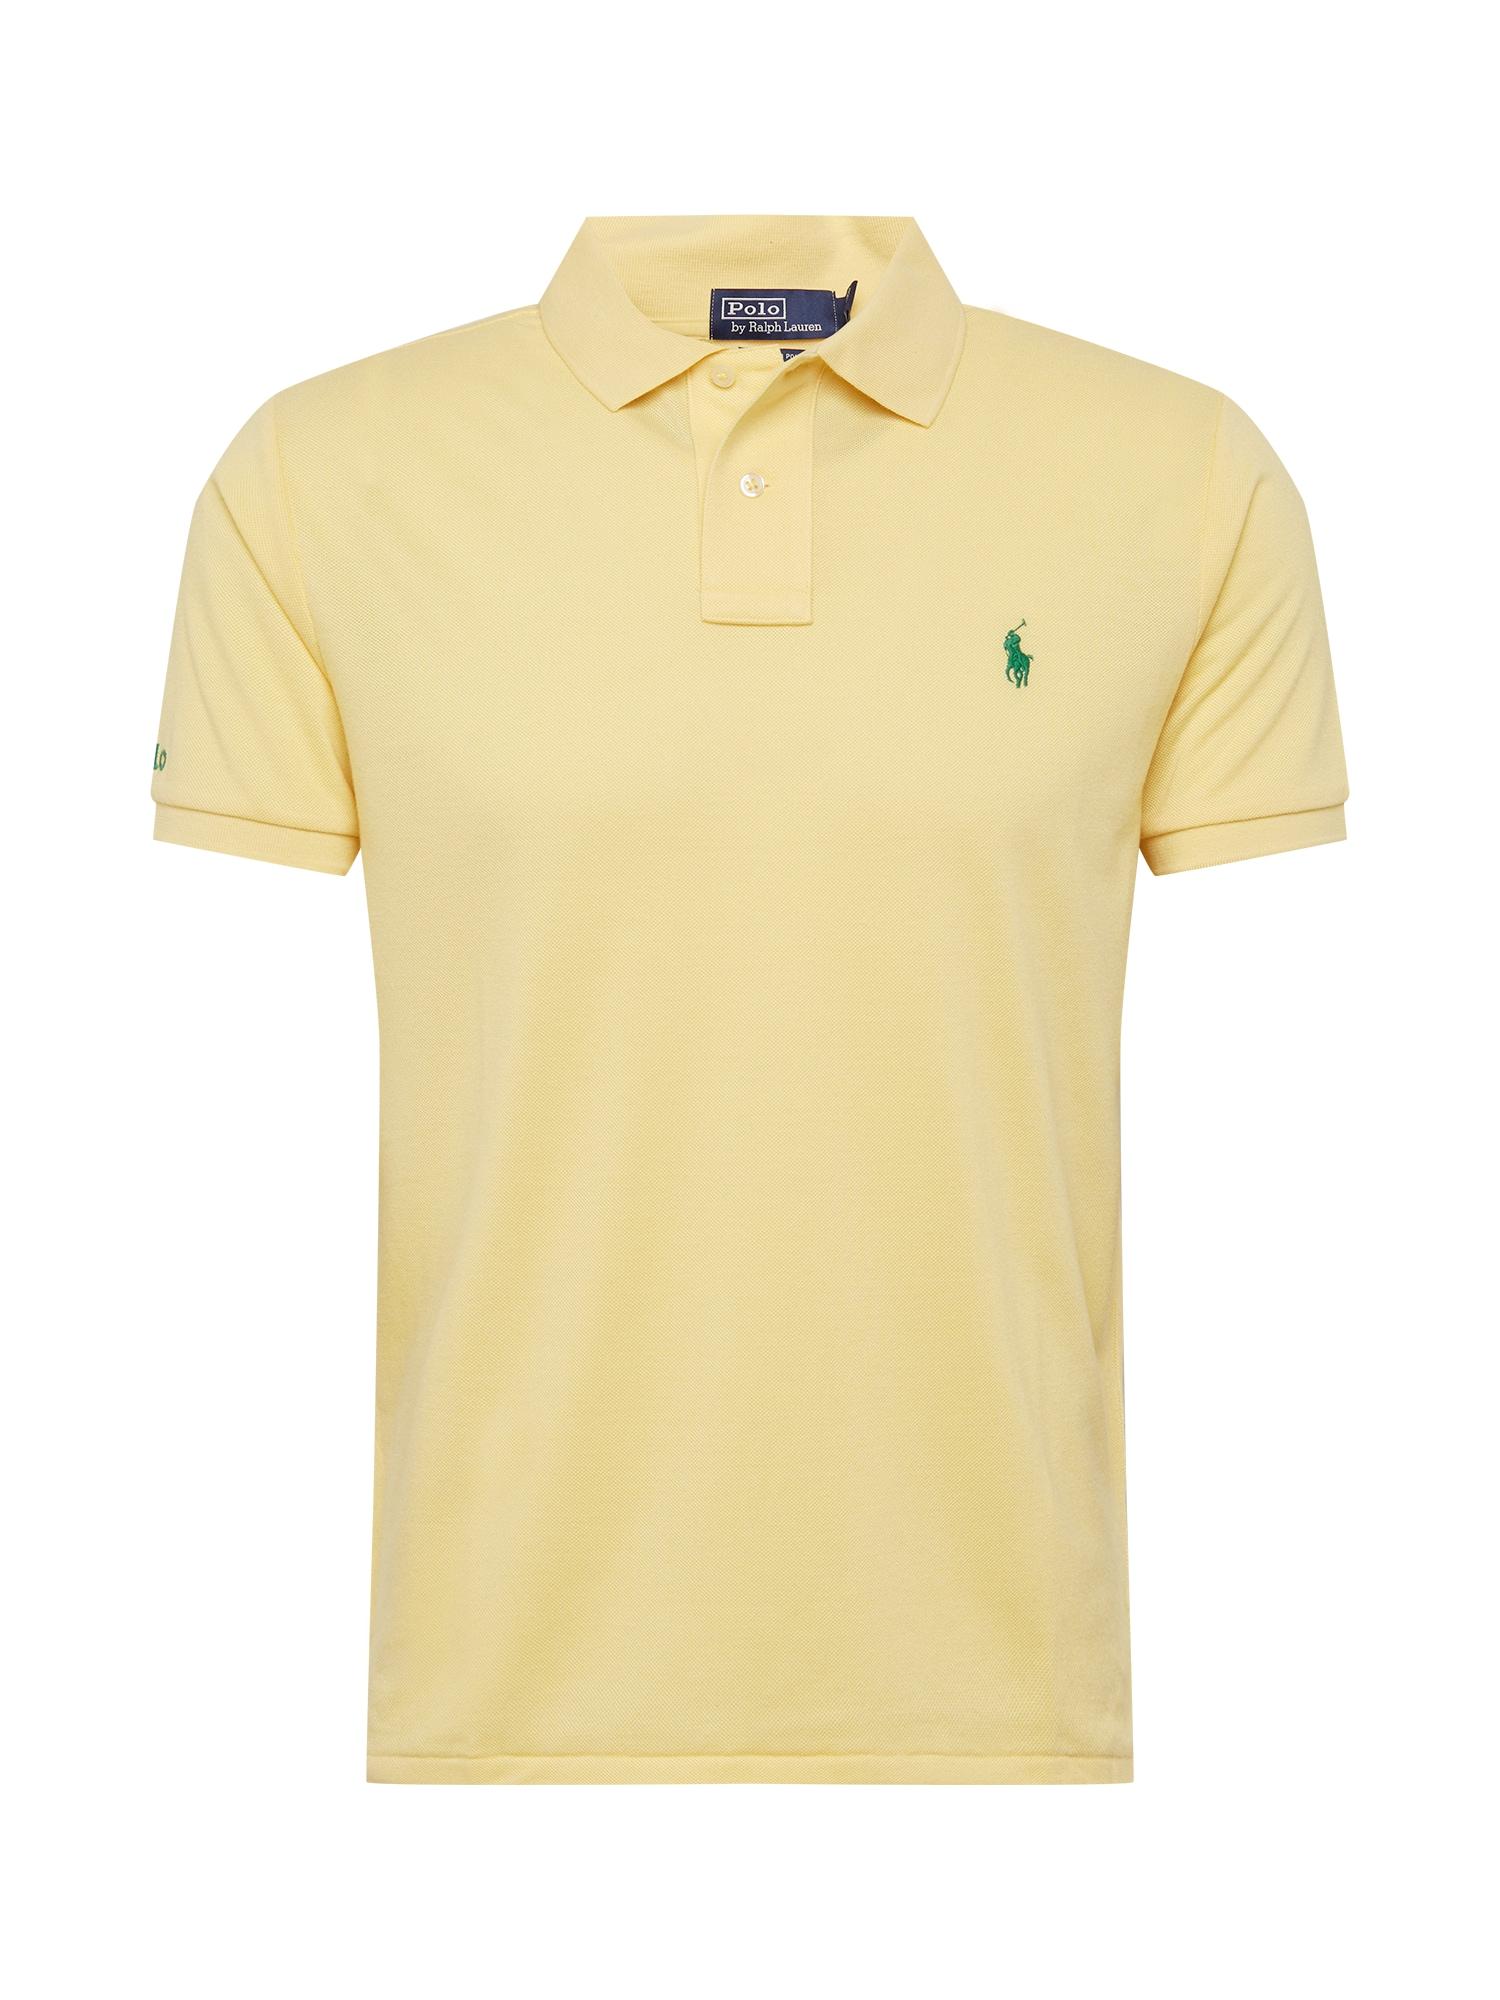 POLO RALPH LAUREN Marškinėliai pastelinė geltona